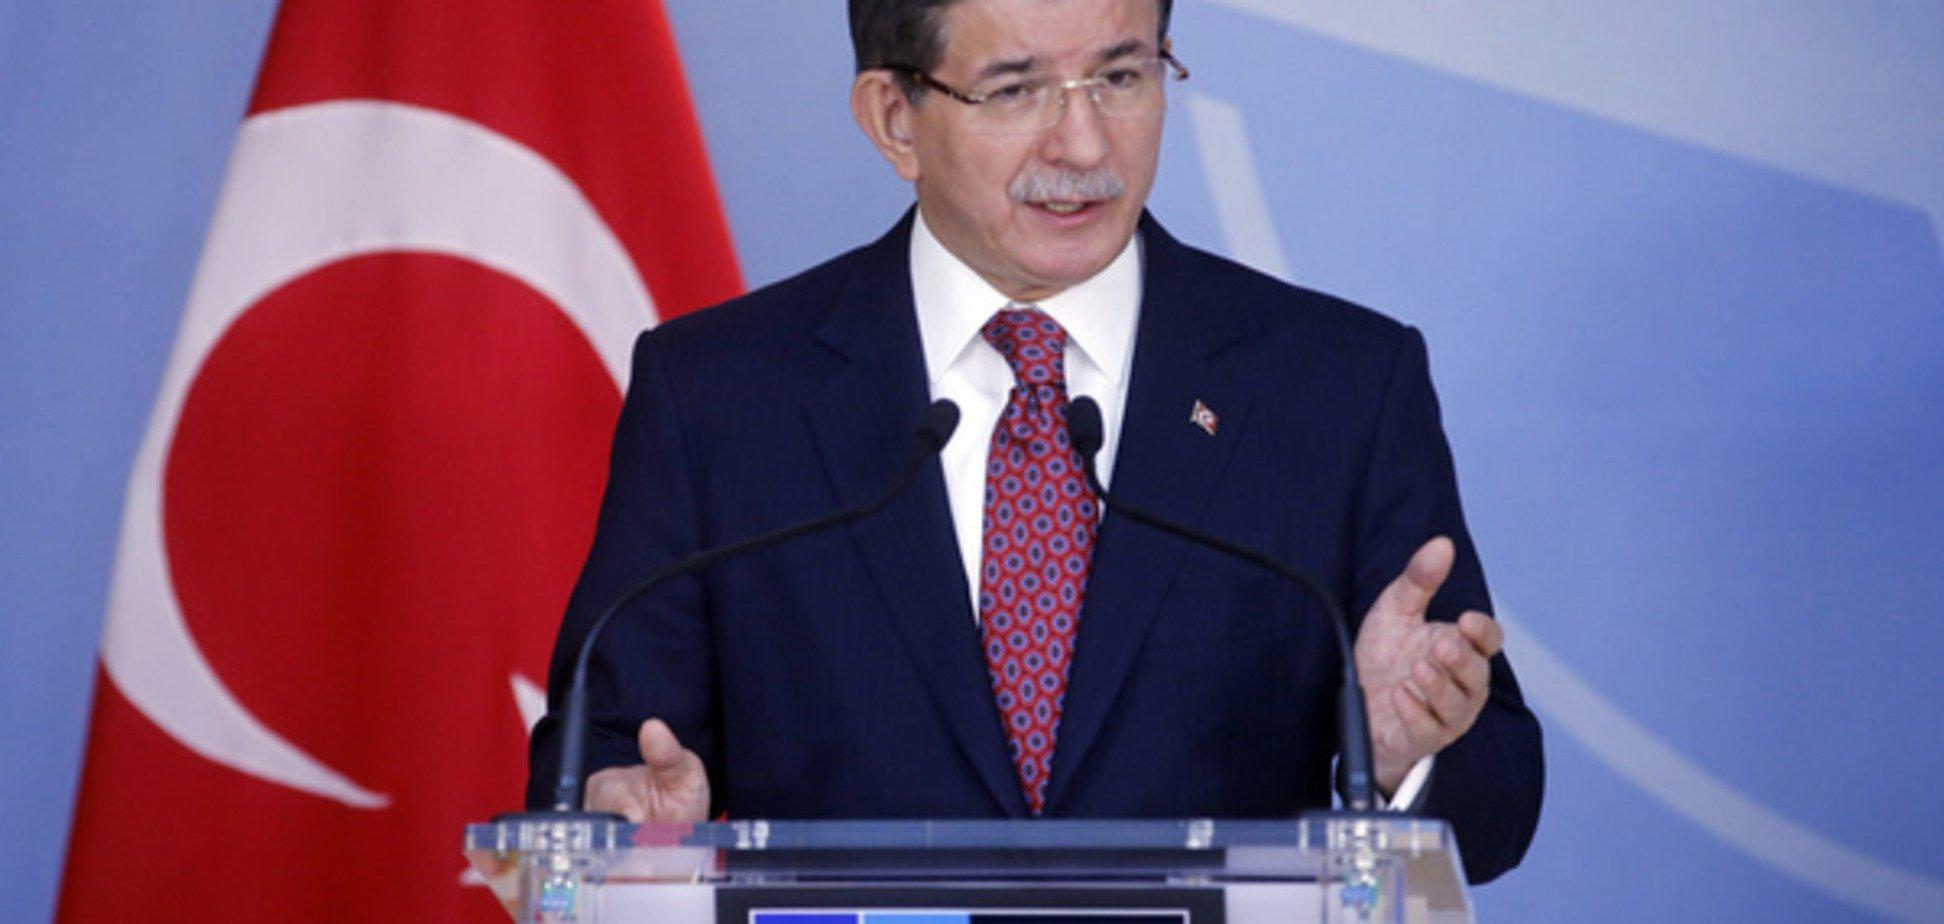 Турецький прем'єр: звинувачення Росії неможливо пояснити раціонально